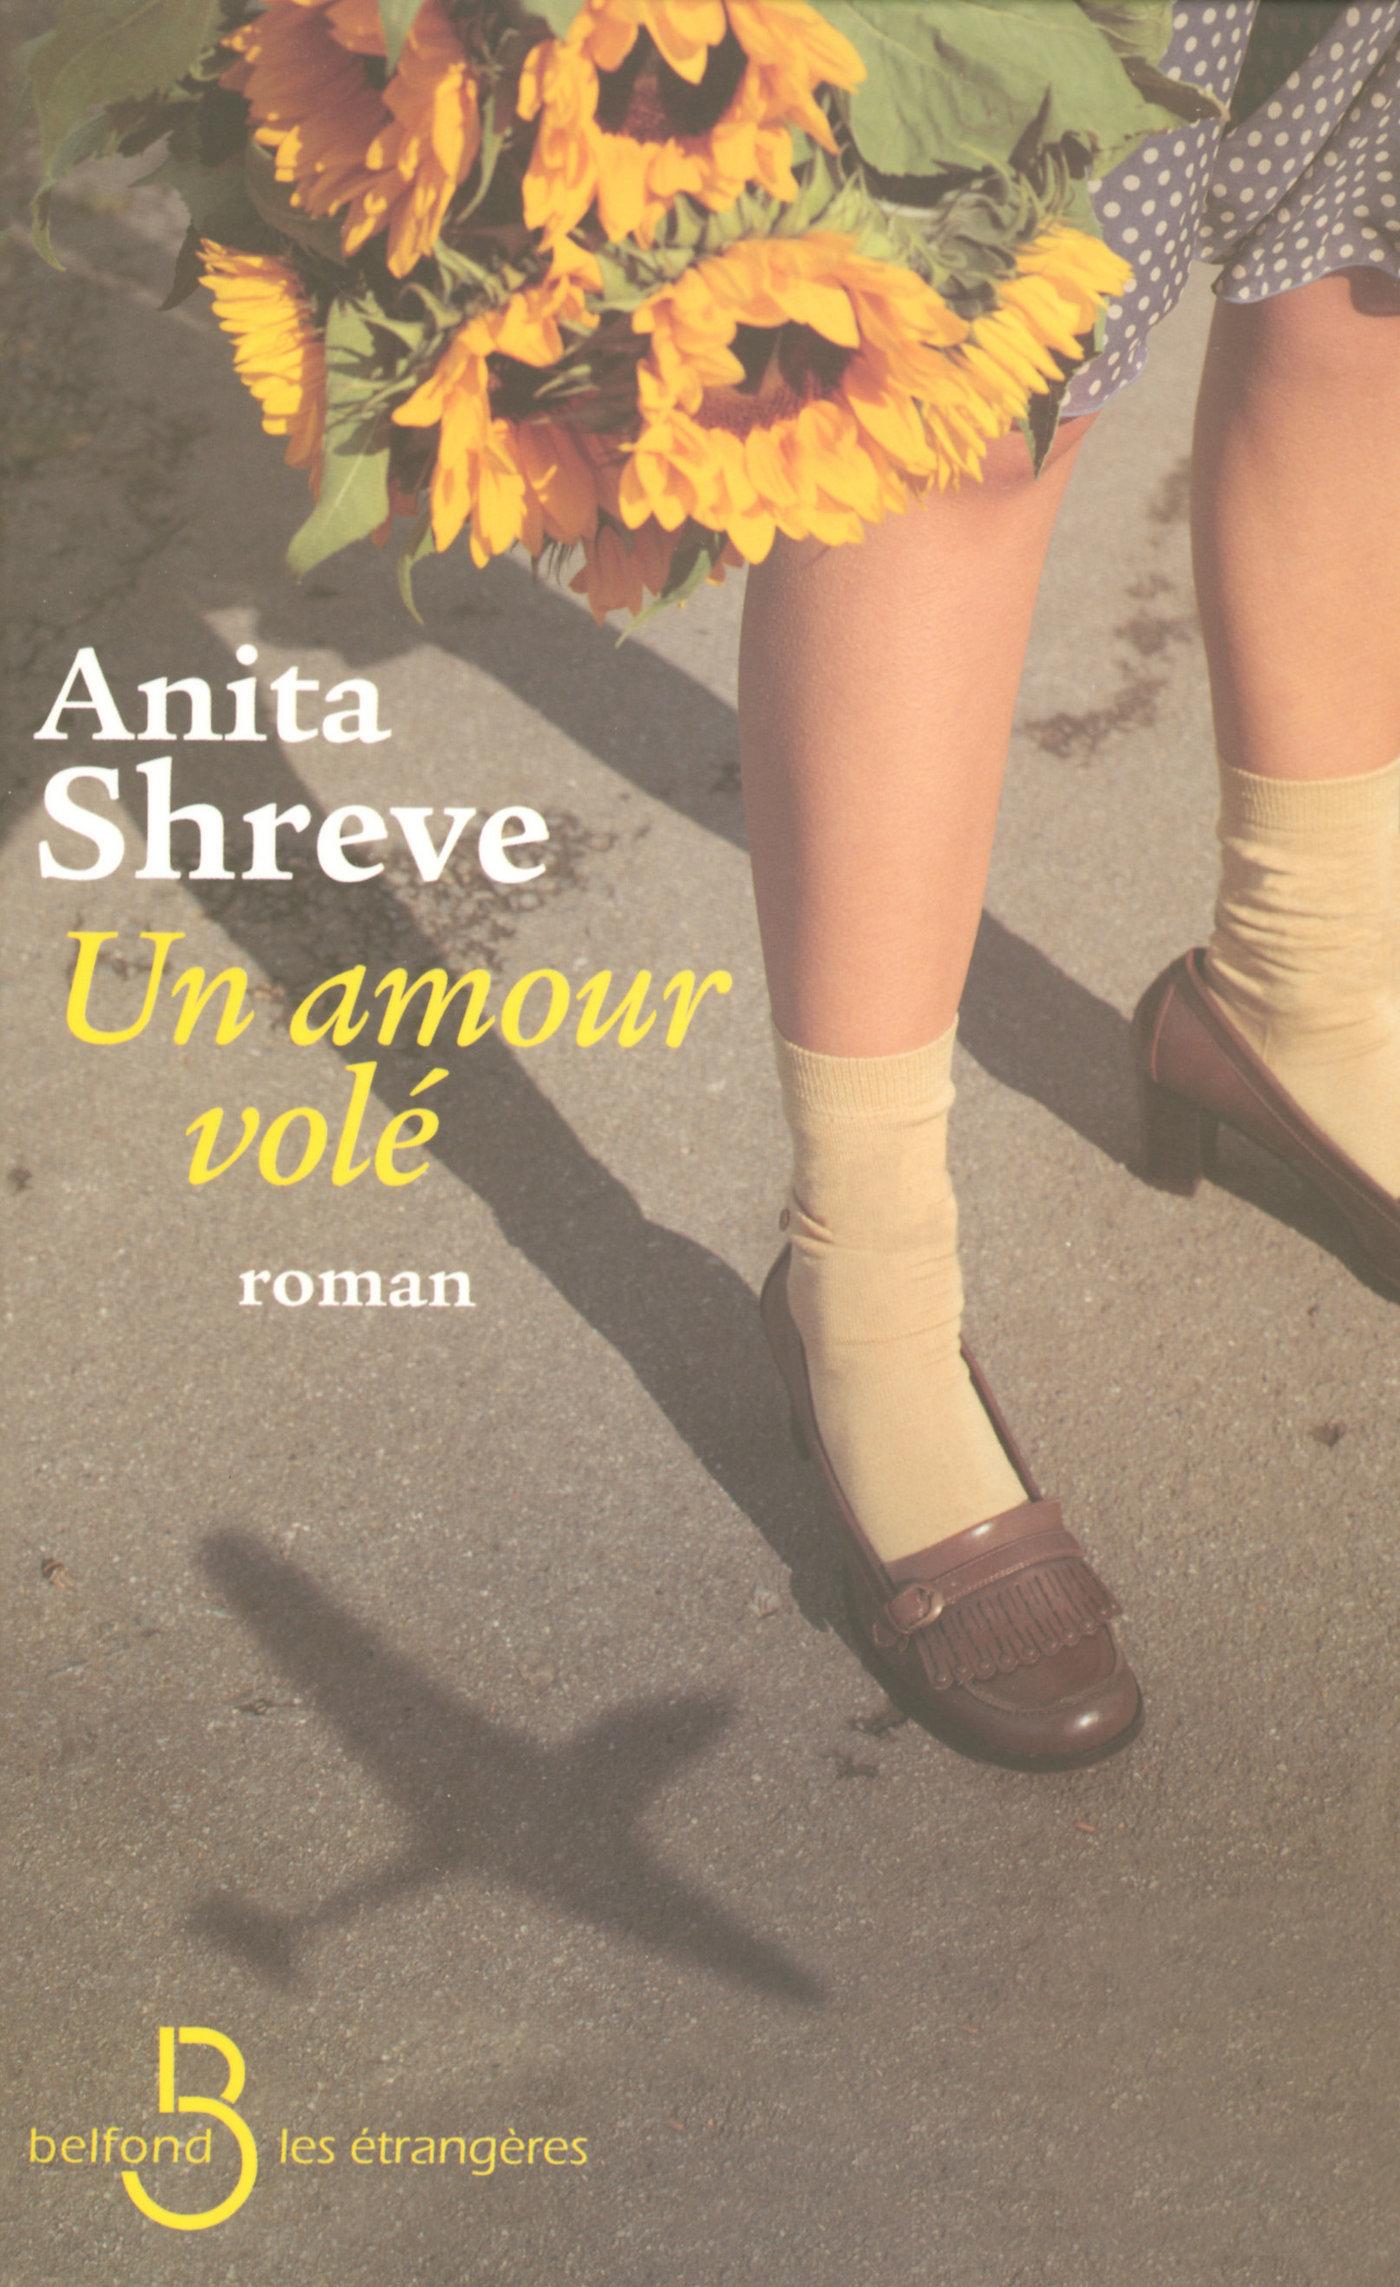 Un amour volé (ebook)